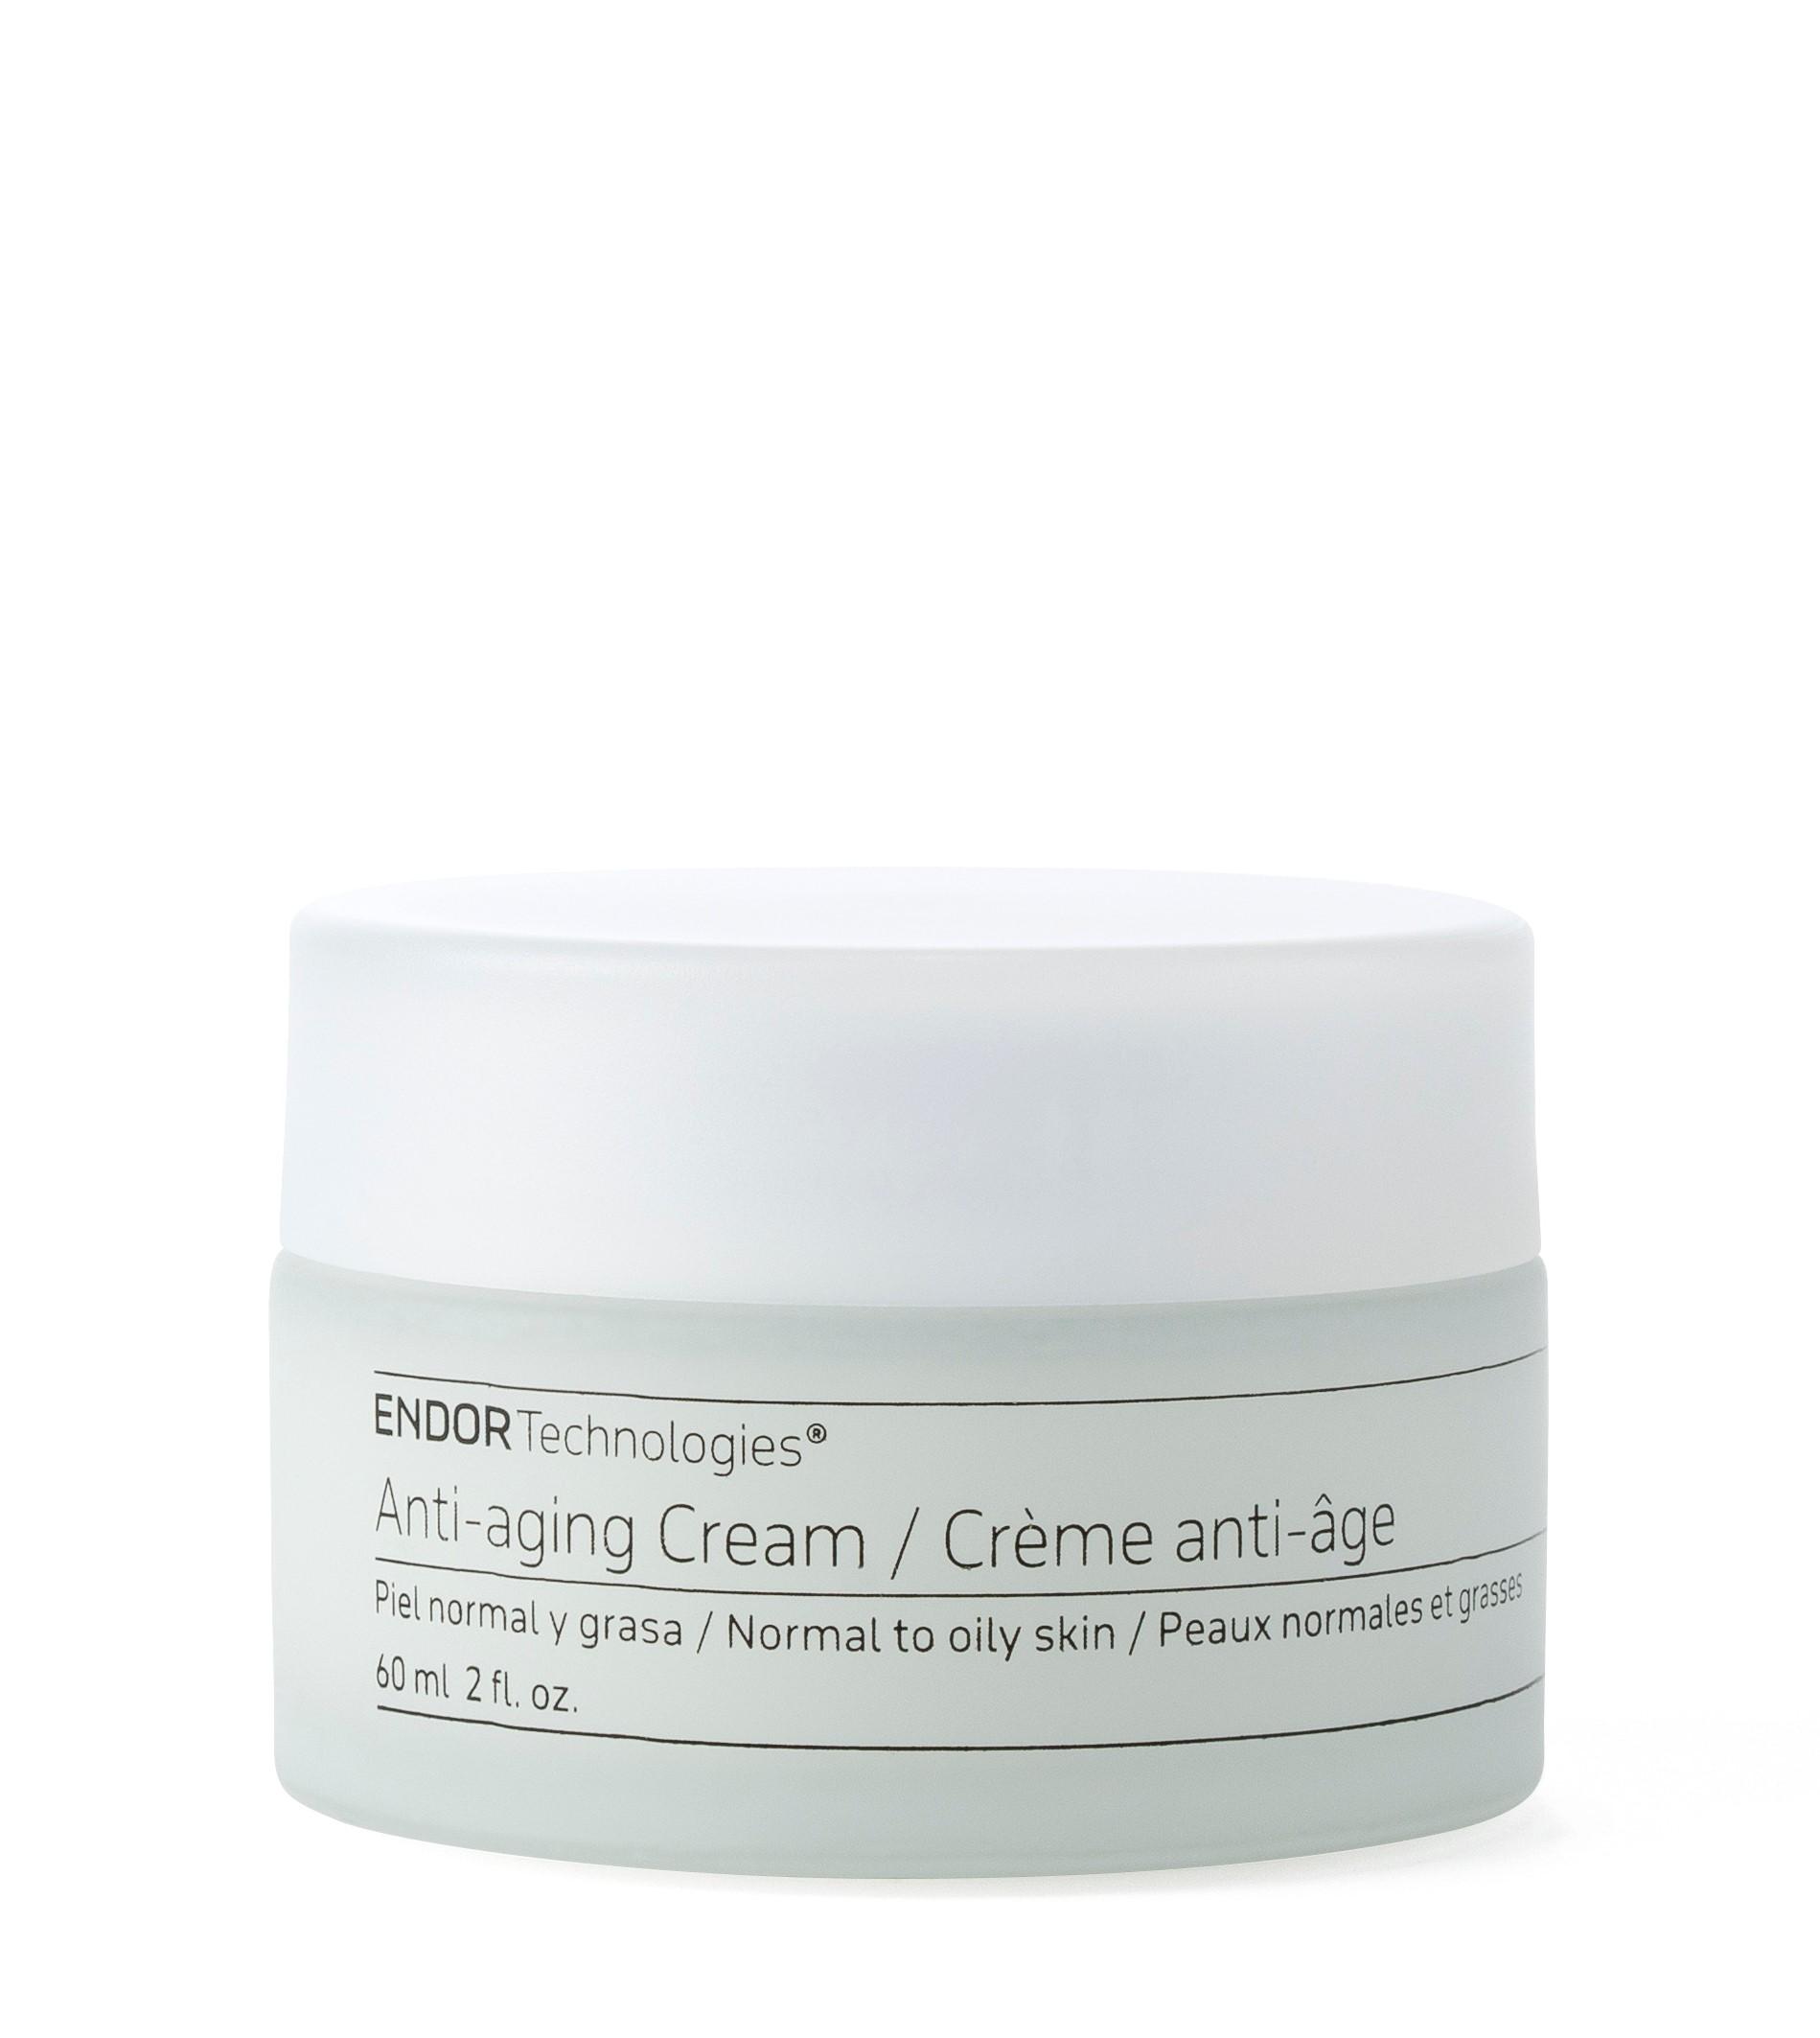 Endor Anti-aging Cream 60 ml - omlazujici krem pro normální a mastnou pleť